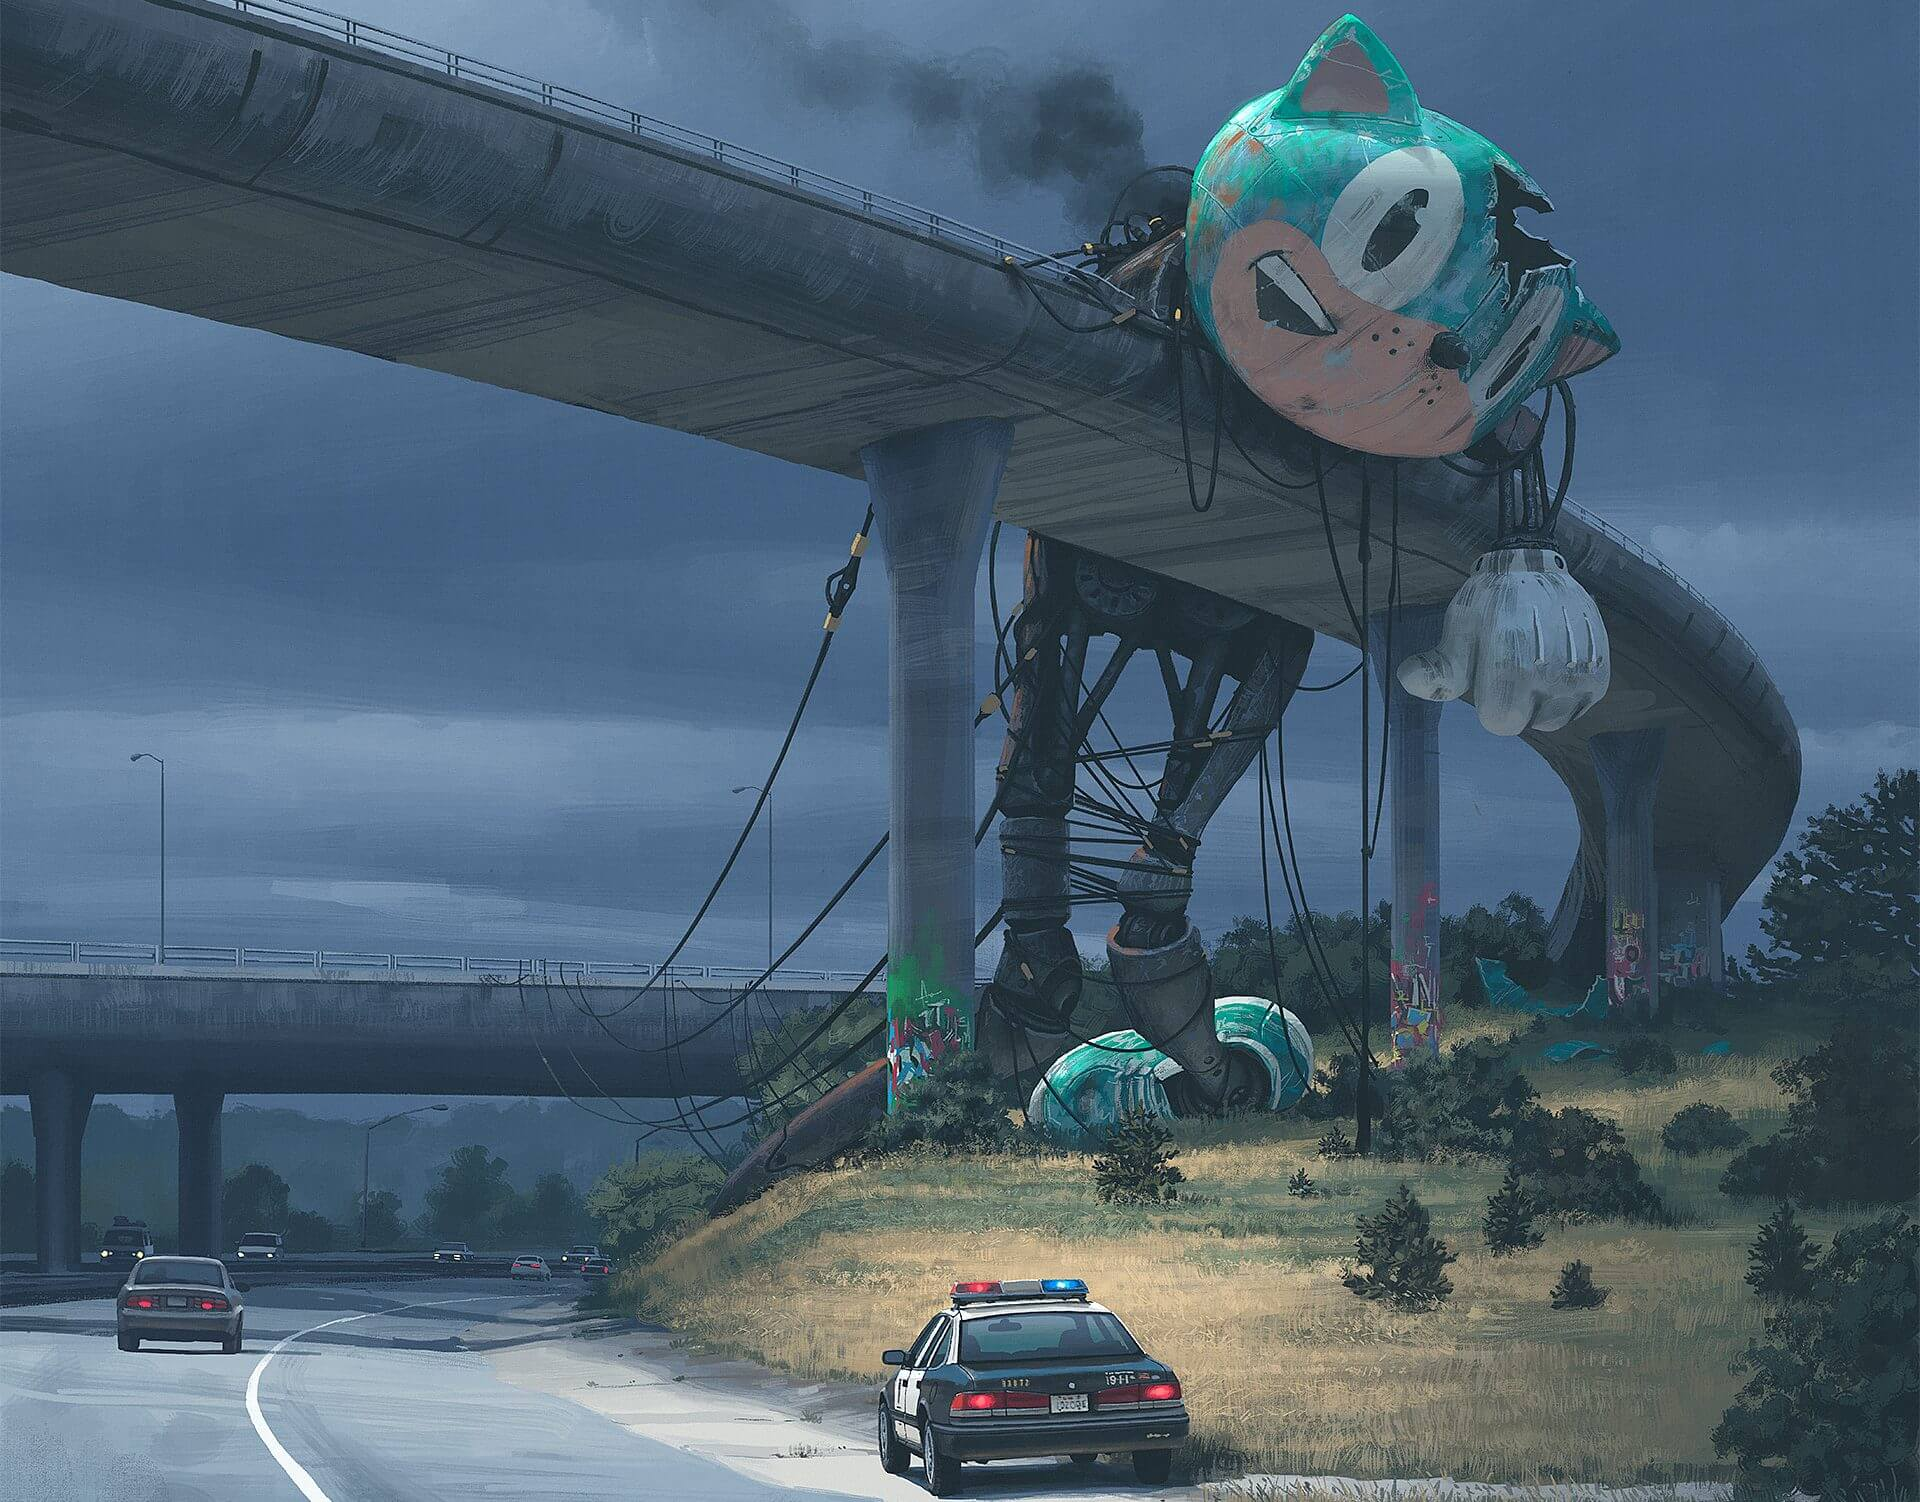 destaque e1513632120277 - SURREAL: artista sueco cria paisagens futurísticas impressionantes